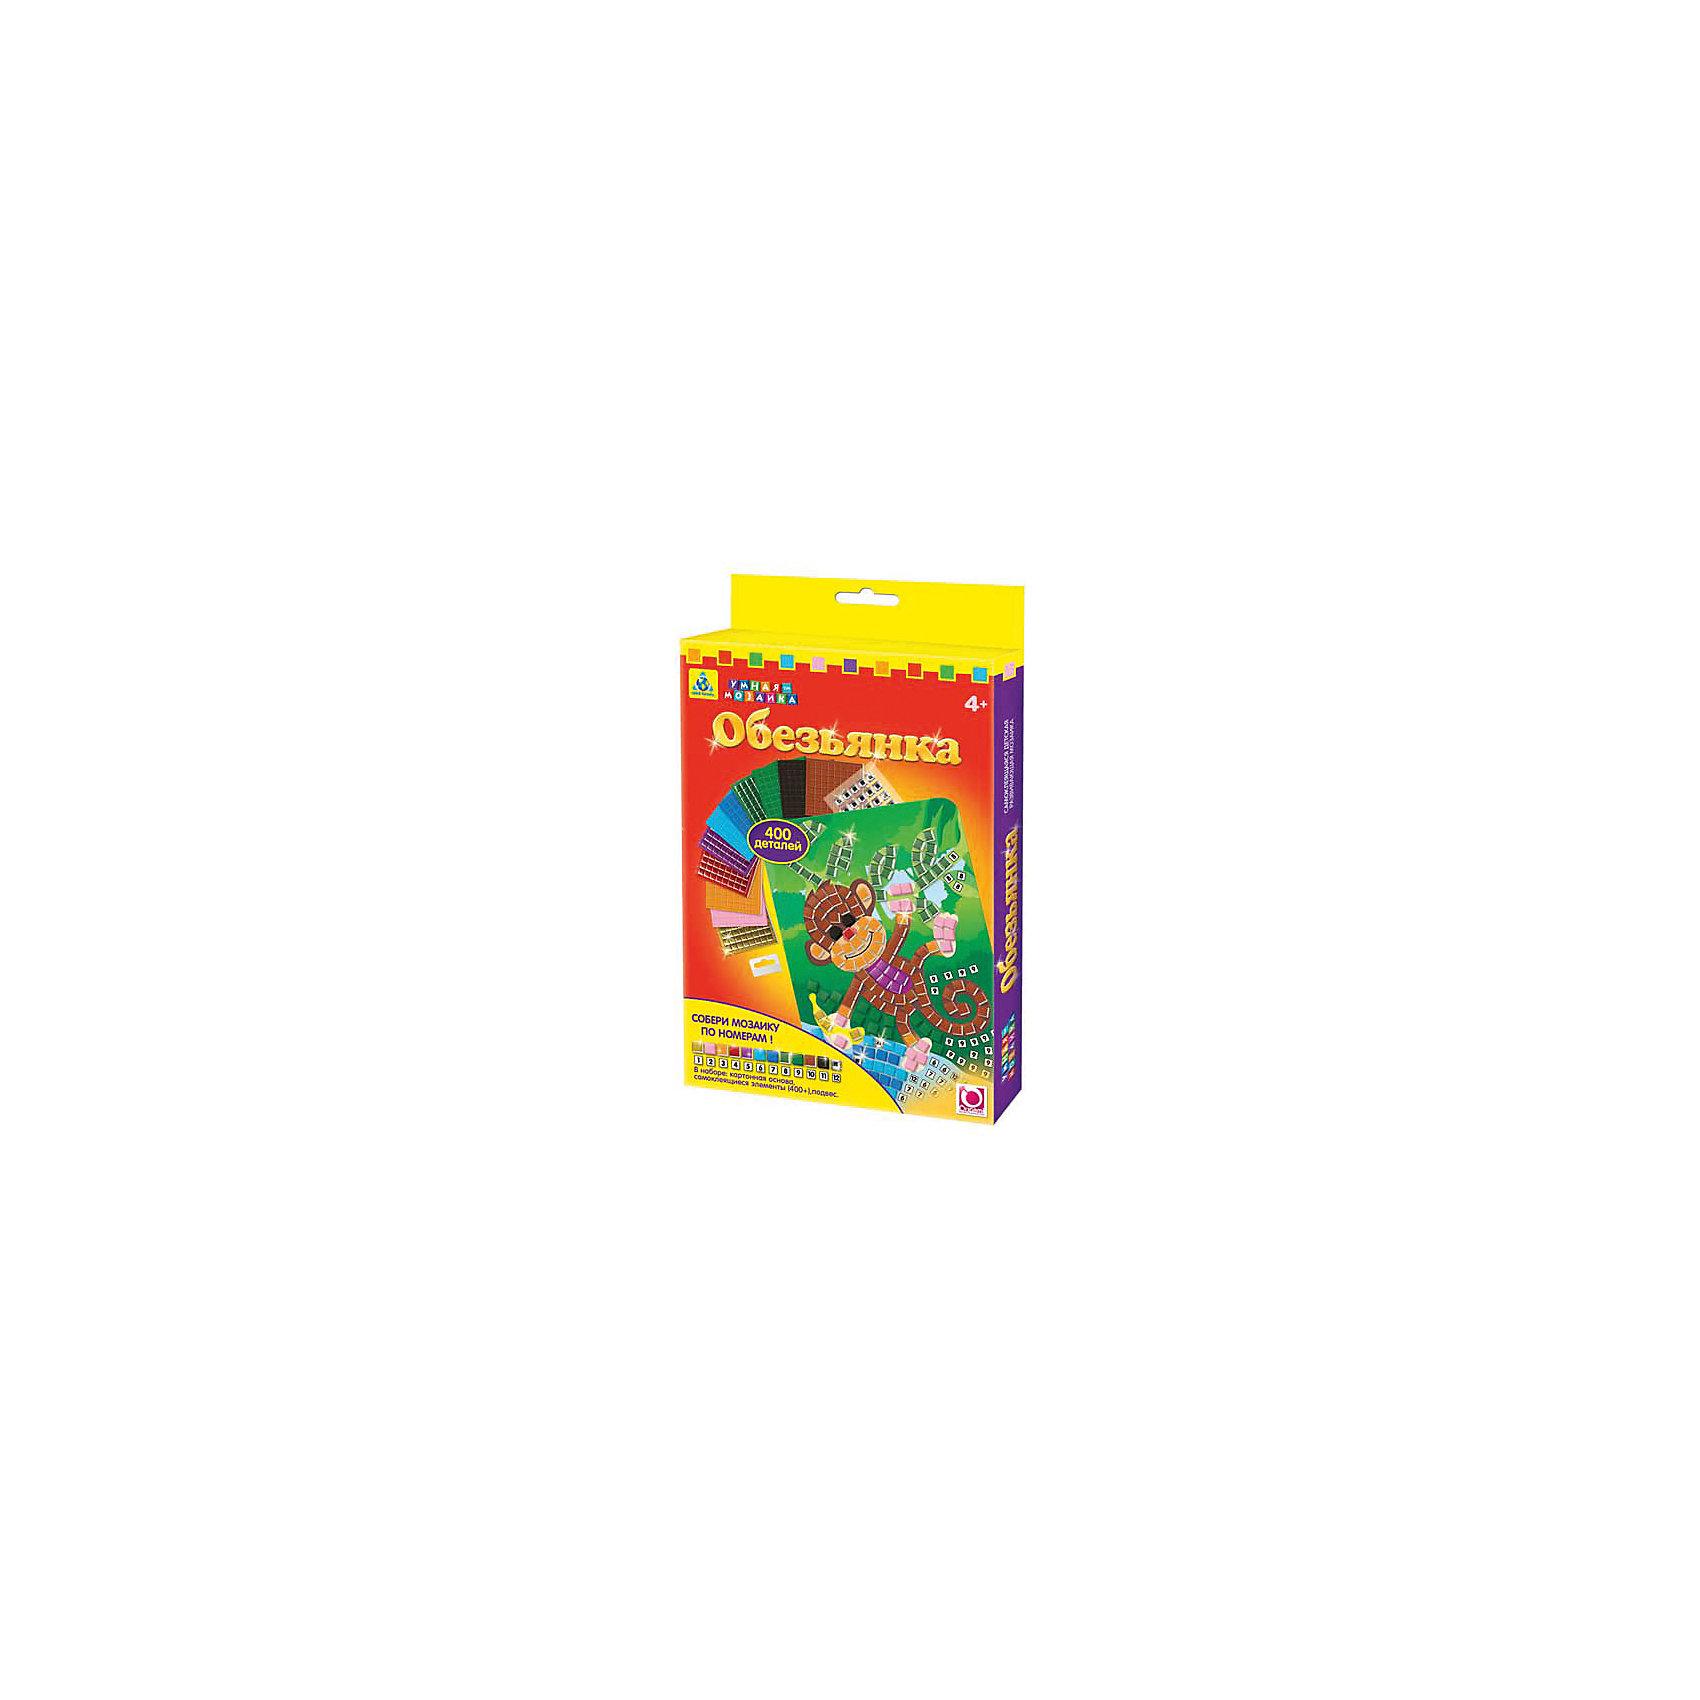 Origami Самоклеющаяся мозаика Обезьянка, Оригами набор эм 7 предметов 25 йогурт 984178